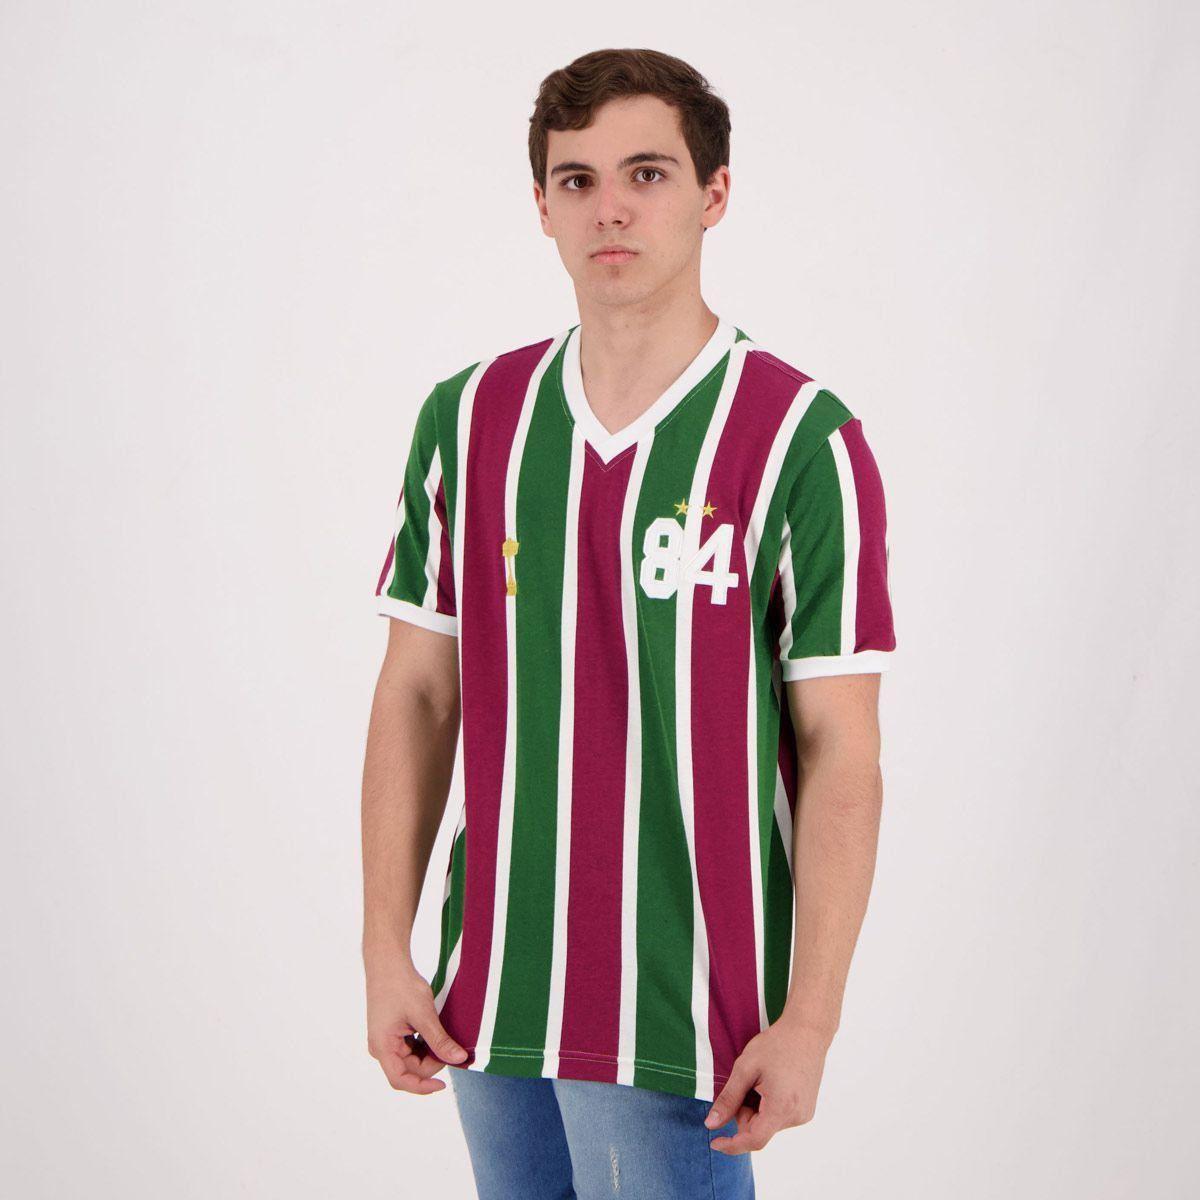 Camisa Retrô Fluminense 1984 Masculina  Camisa Retrô Fluminense 1984  Masculina ... 9614d34fd0f3c